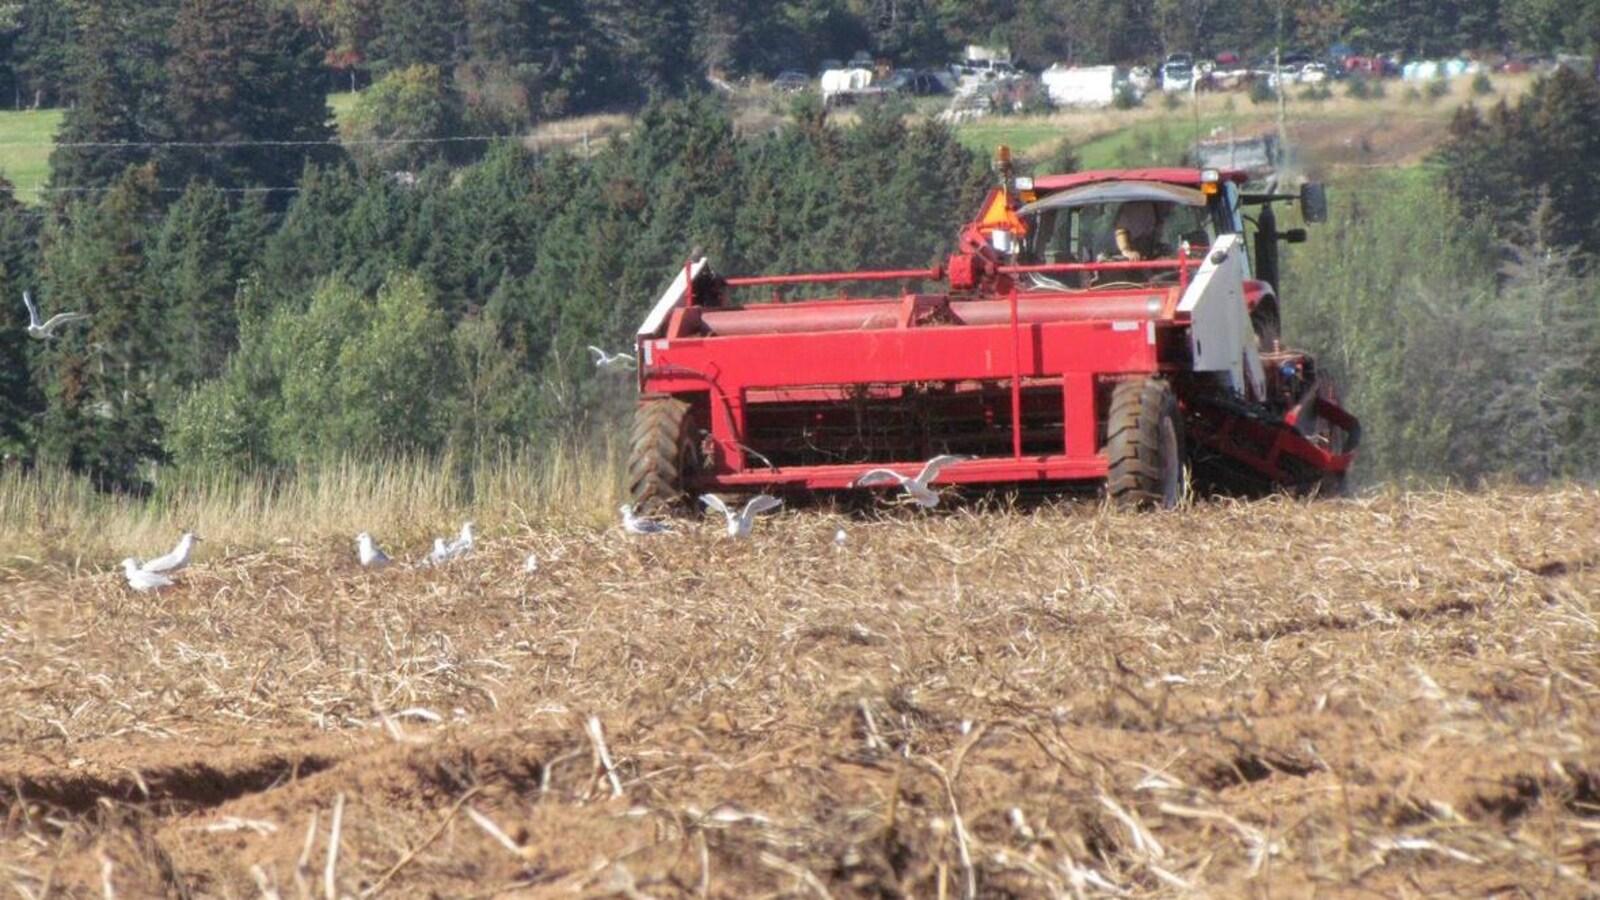 Un tracteur coupe du foin dans un champ.